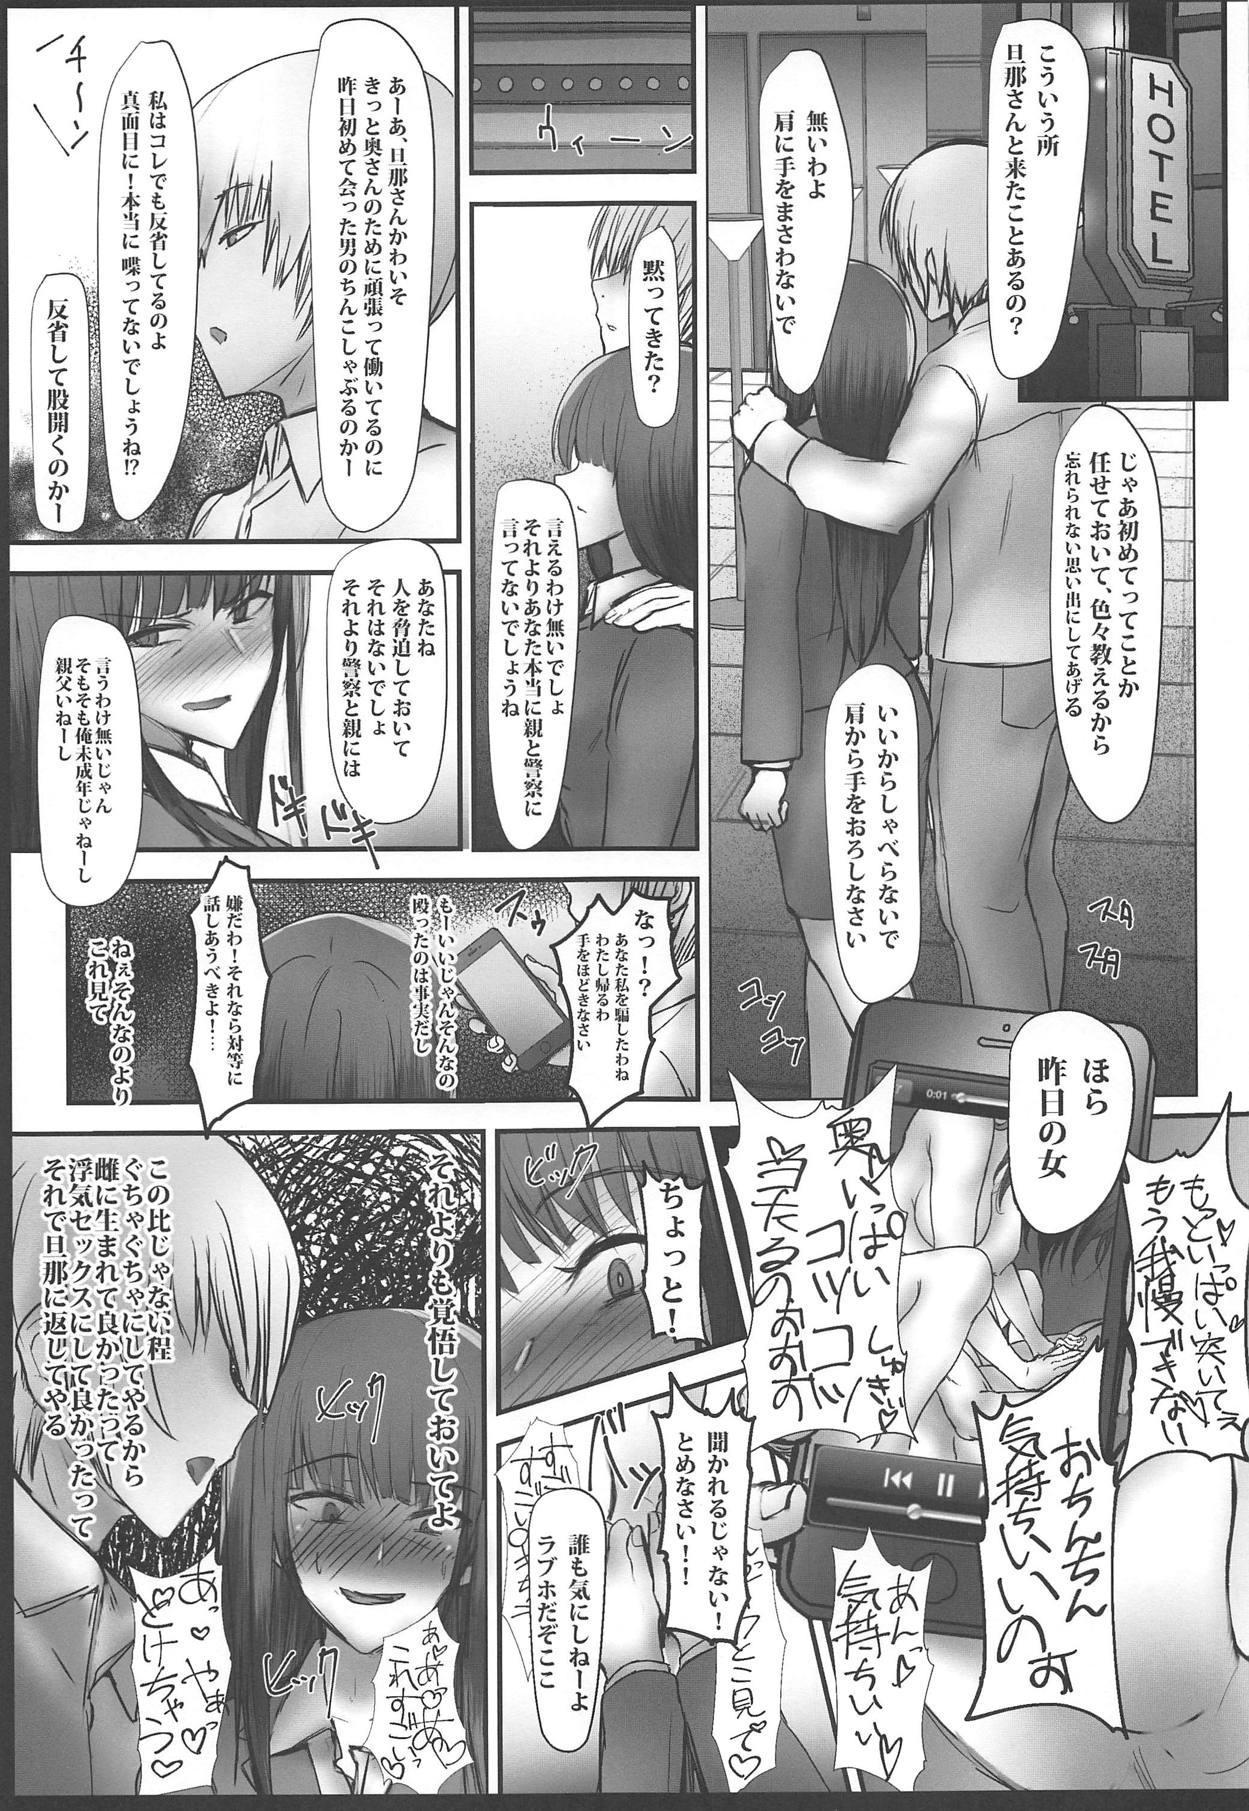 (COMIC1☆15) [Flaming Dragon (Bouto)] Tsuyoi Sensha no Kowashikata NTR Zenpen -Nishizumi-ryuu Iemoto Nishizumi Shiho Shihan no Baai- (Girls und Panzer) 11